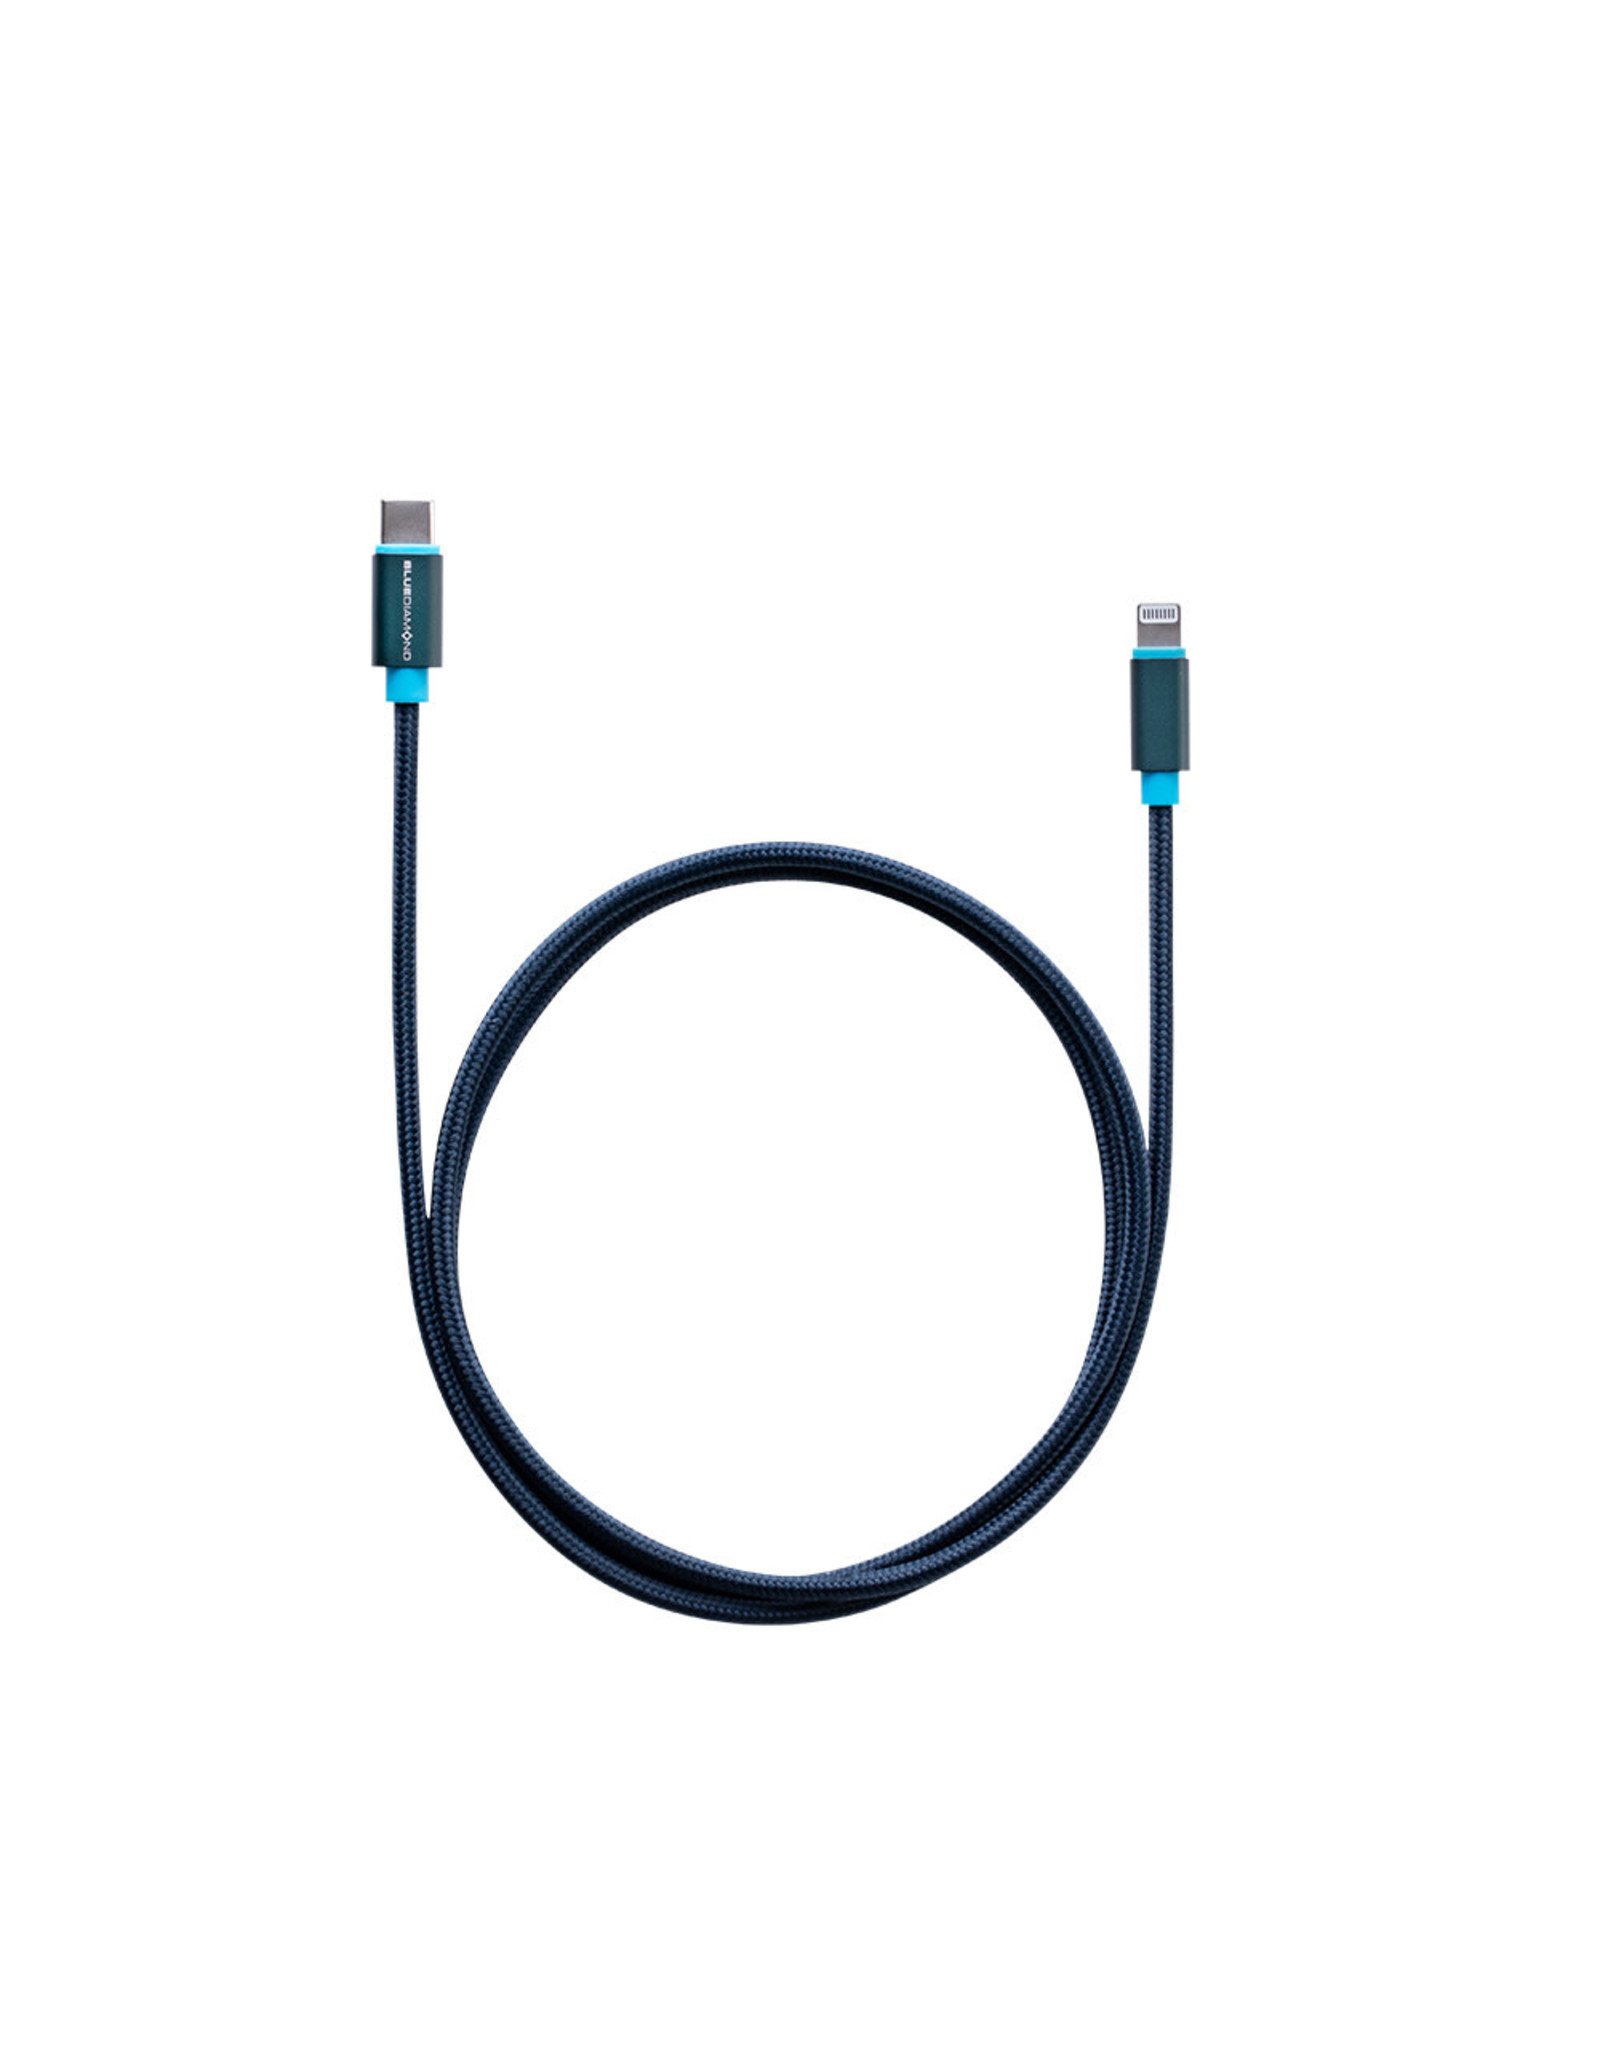 BlueDiamond BlueDiamond, Smartsync Lightning to USB-C Cable, 3ft